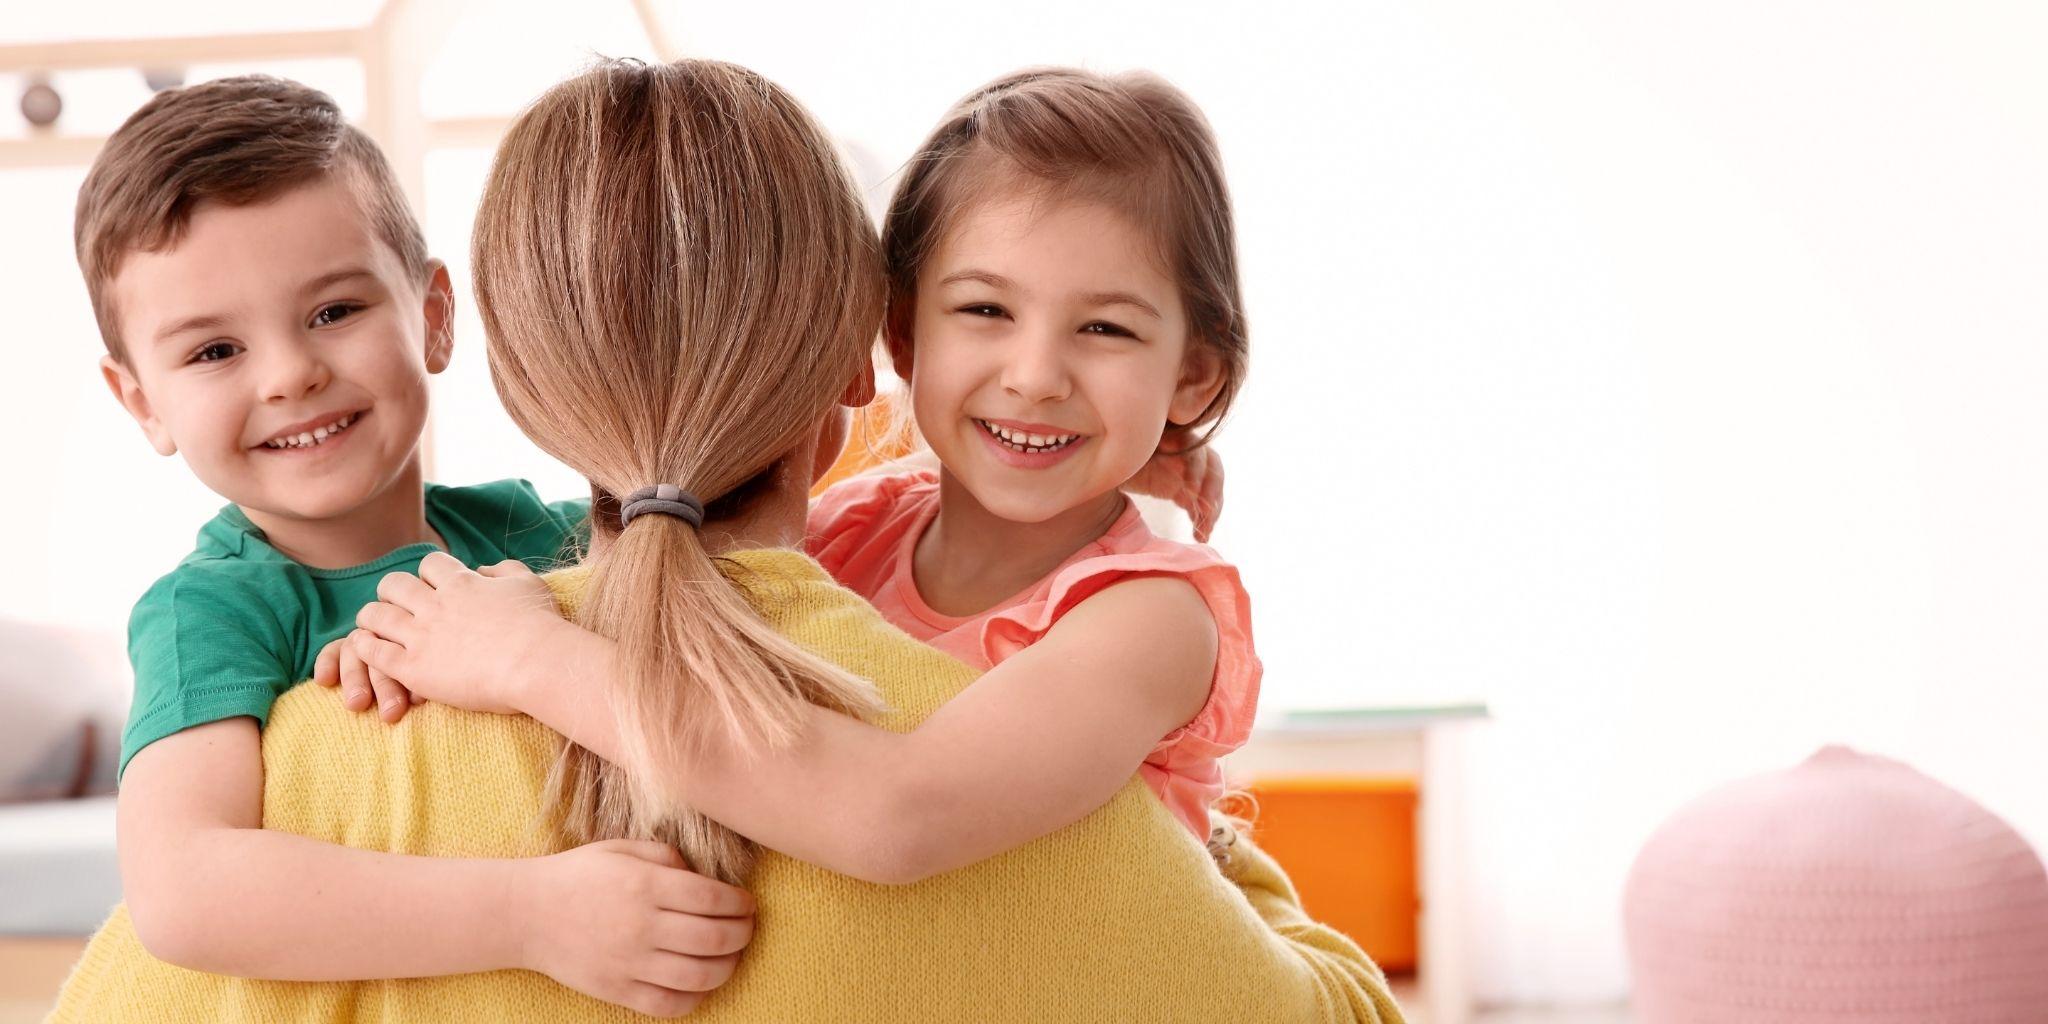 Chi è la tata e che differenza c'è tra tata e babysitter?